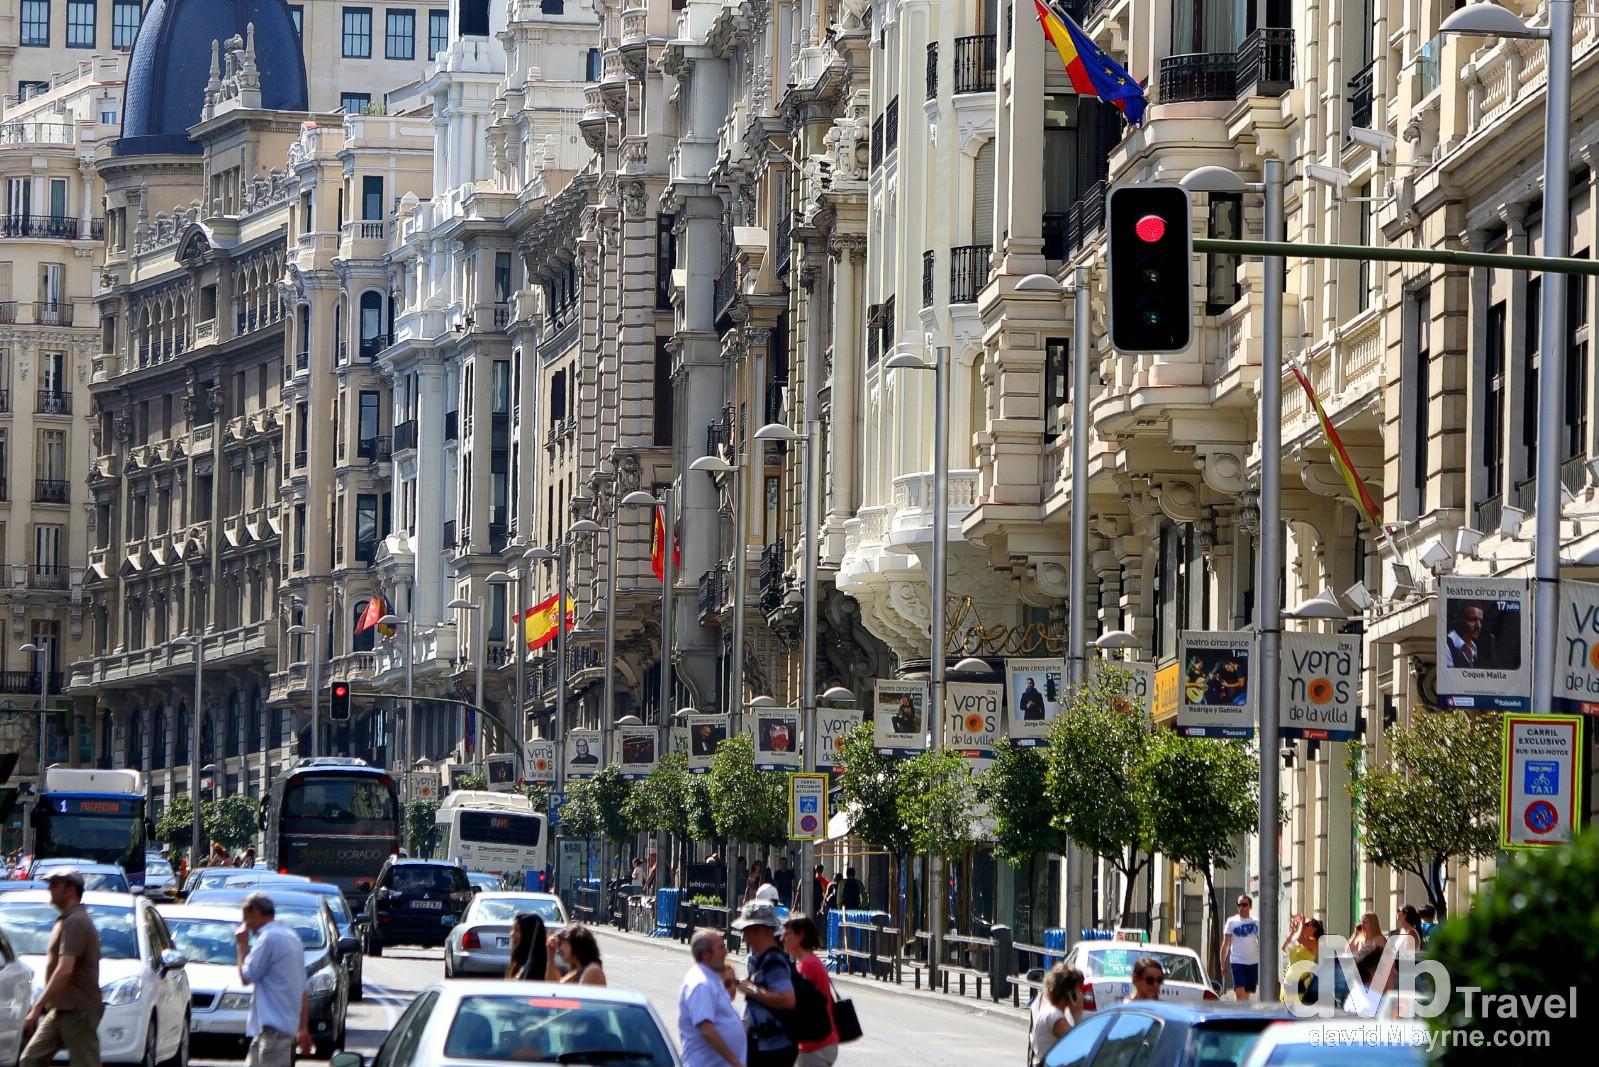 Buildings lining Gran Via in Madrid, Spain. June 14th, 2014.